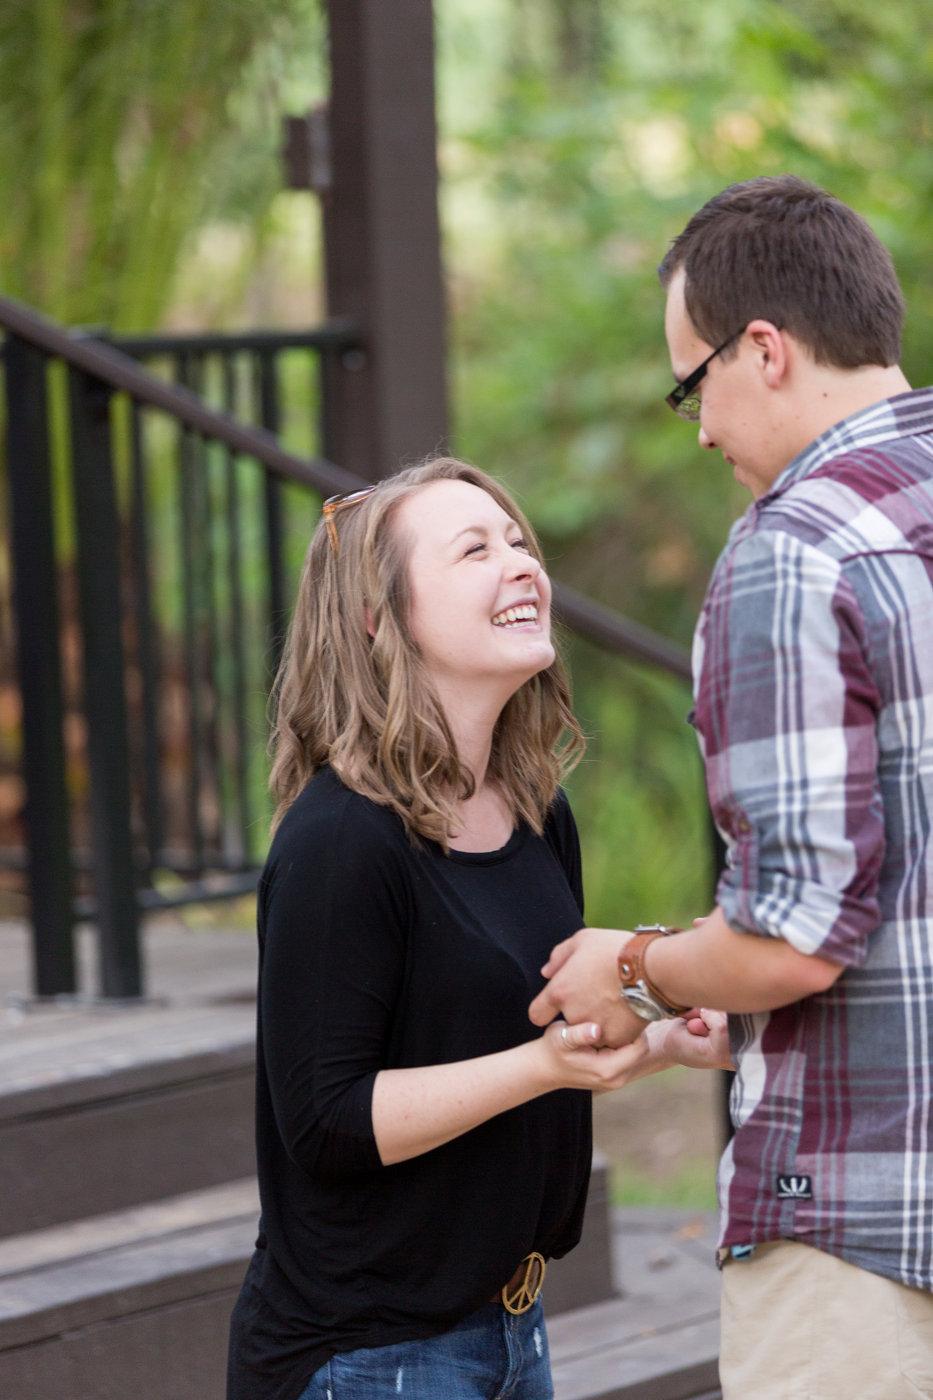 surprise-engagement-photos-taken-in-Northern-California.jpg